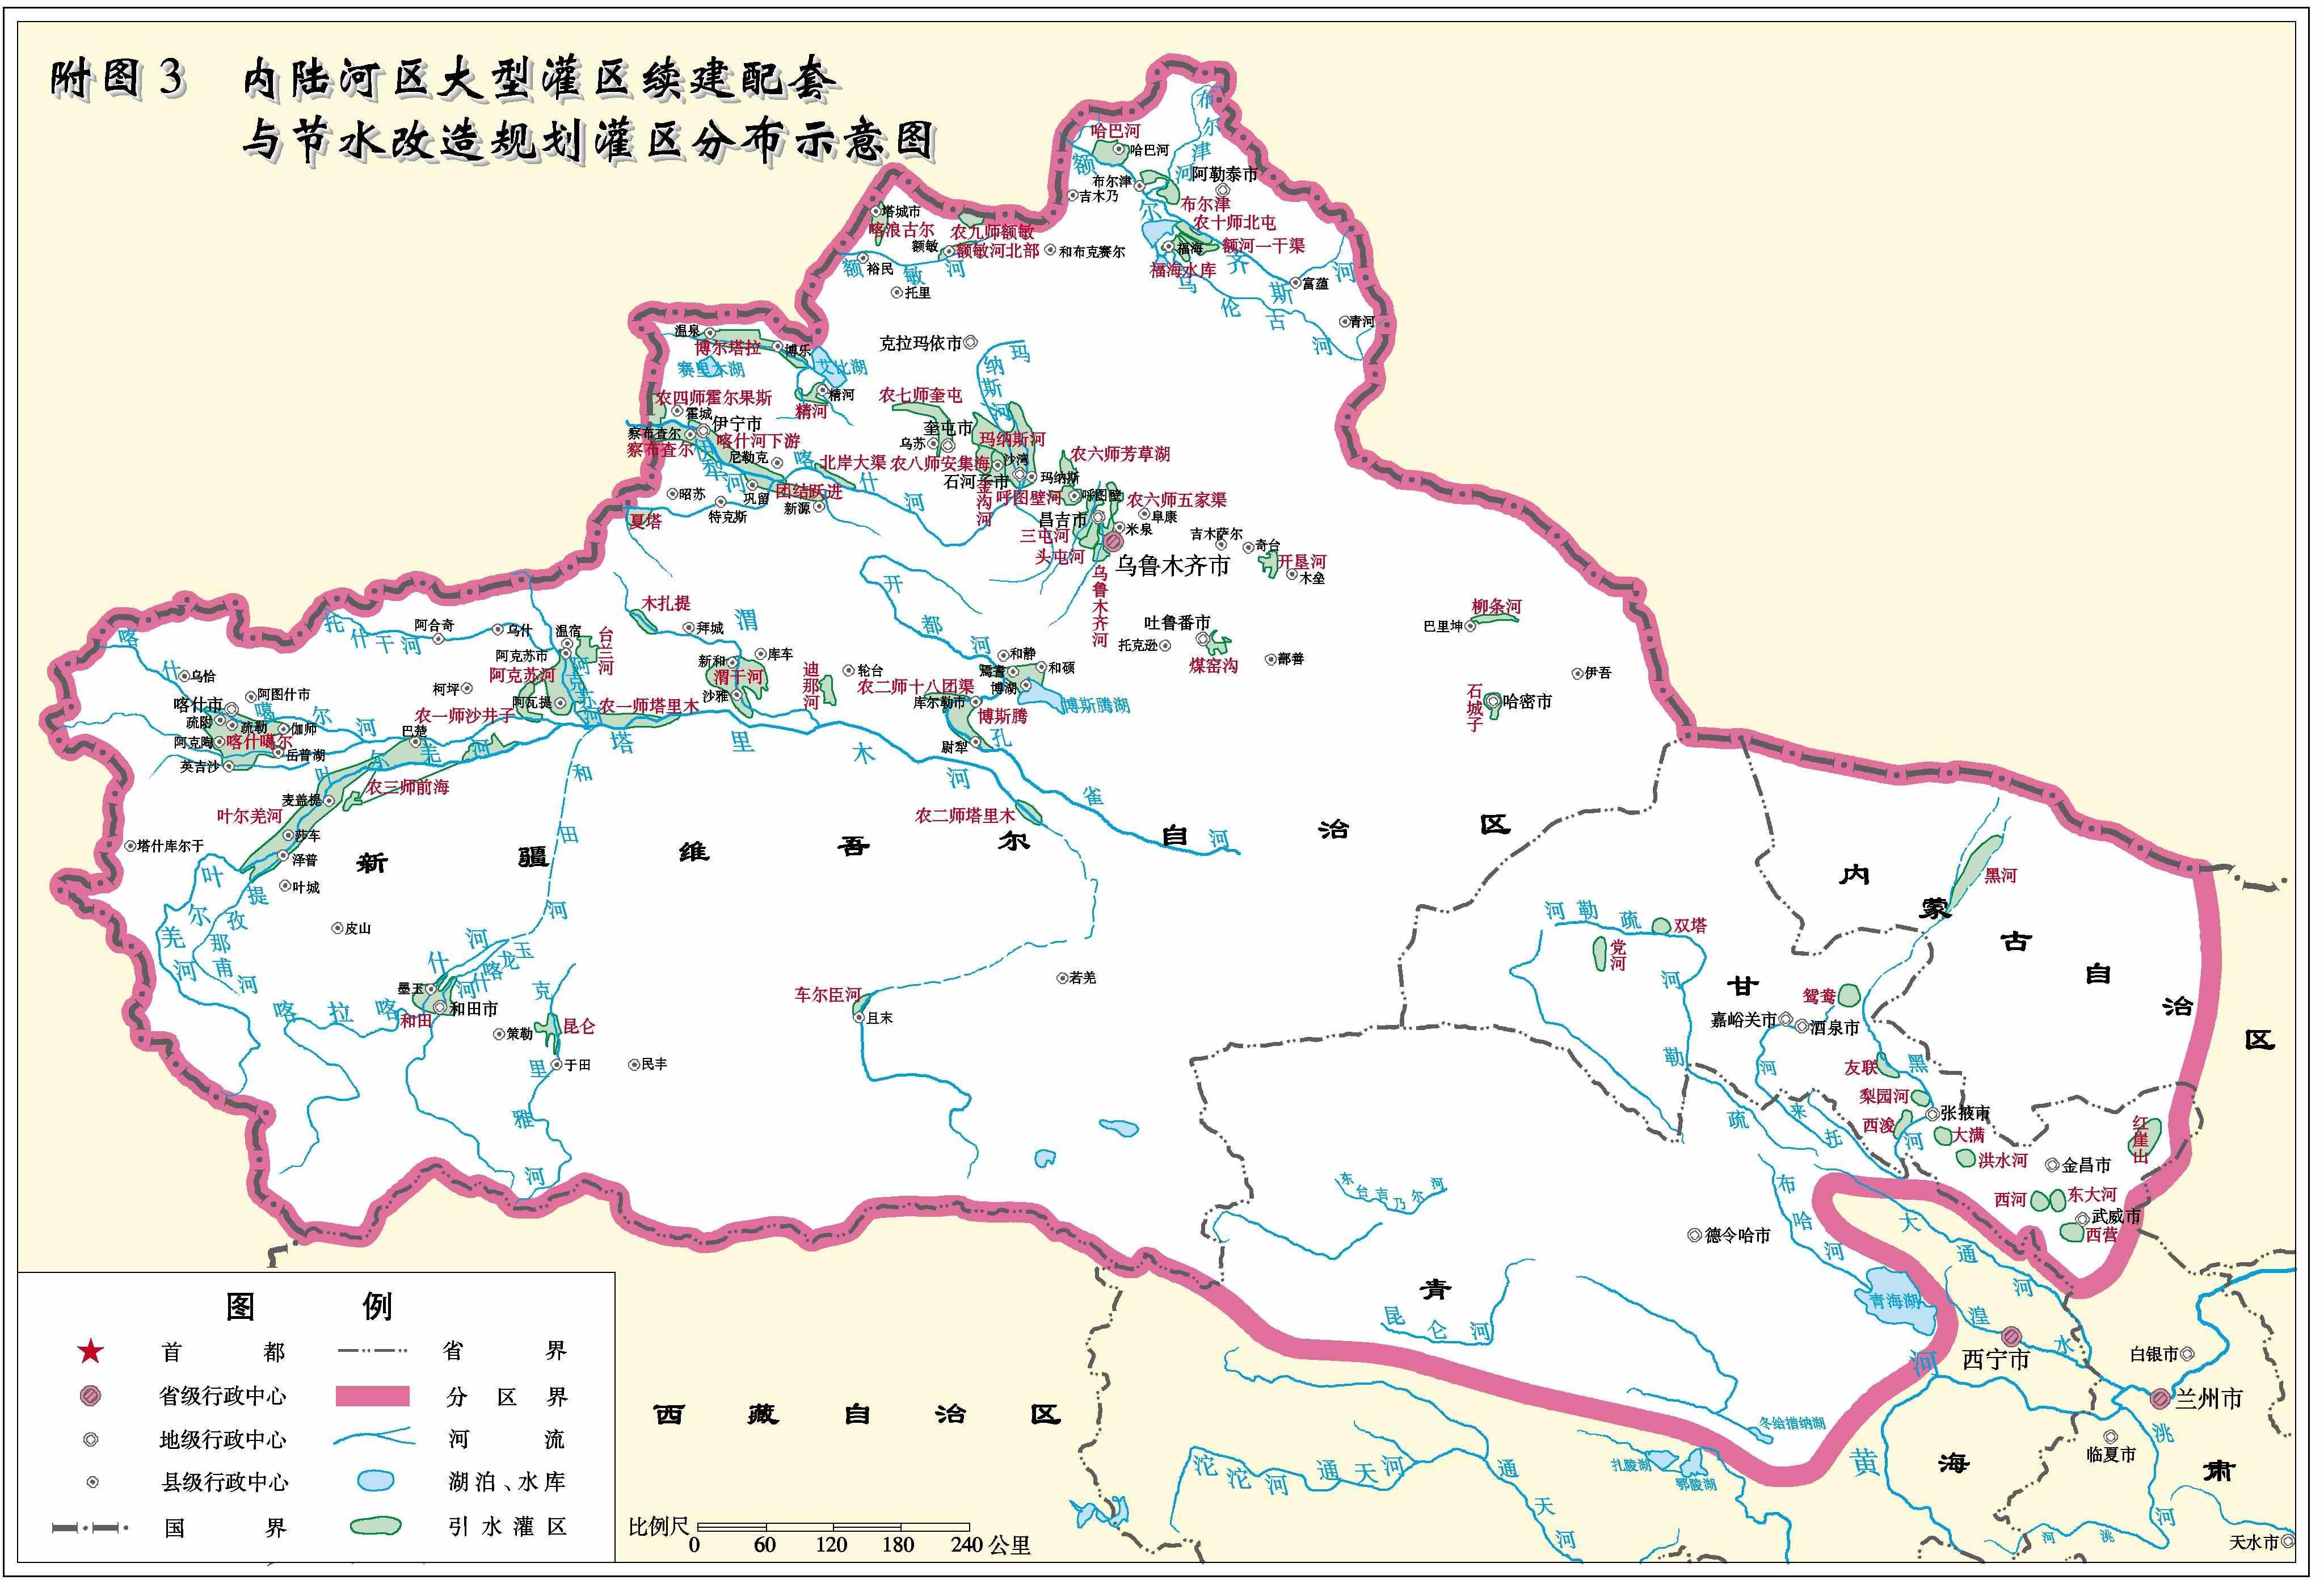 关于跨分区省份增加填报《全国节水灌溉规划》分区表